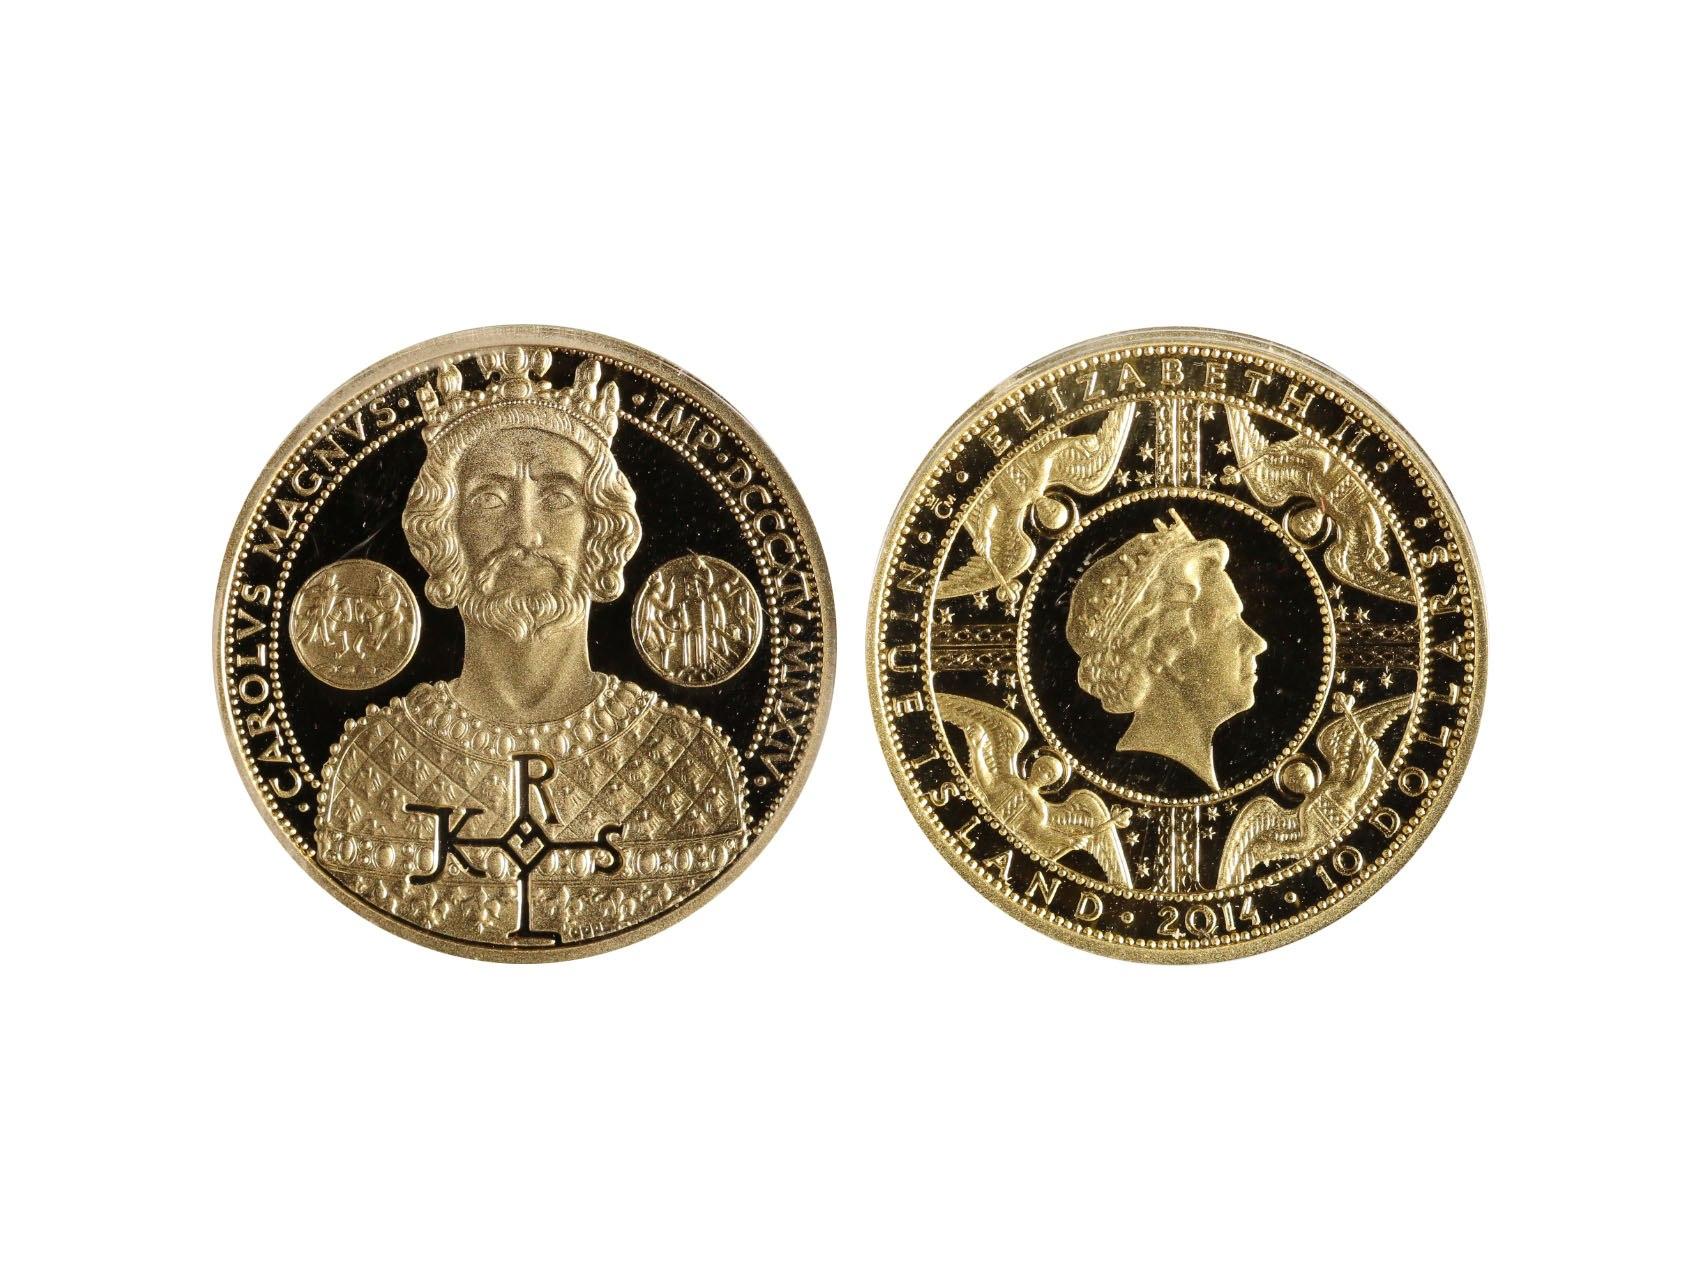 Niue Island, 10 Dollars 2014 - Karel Veliký, Au 999,9, 15,56g, , 500ks, Česká mincovna a.s., certifikát, etue